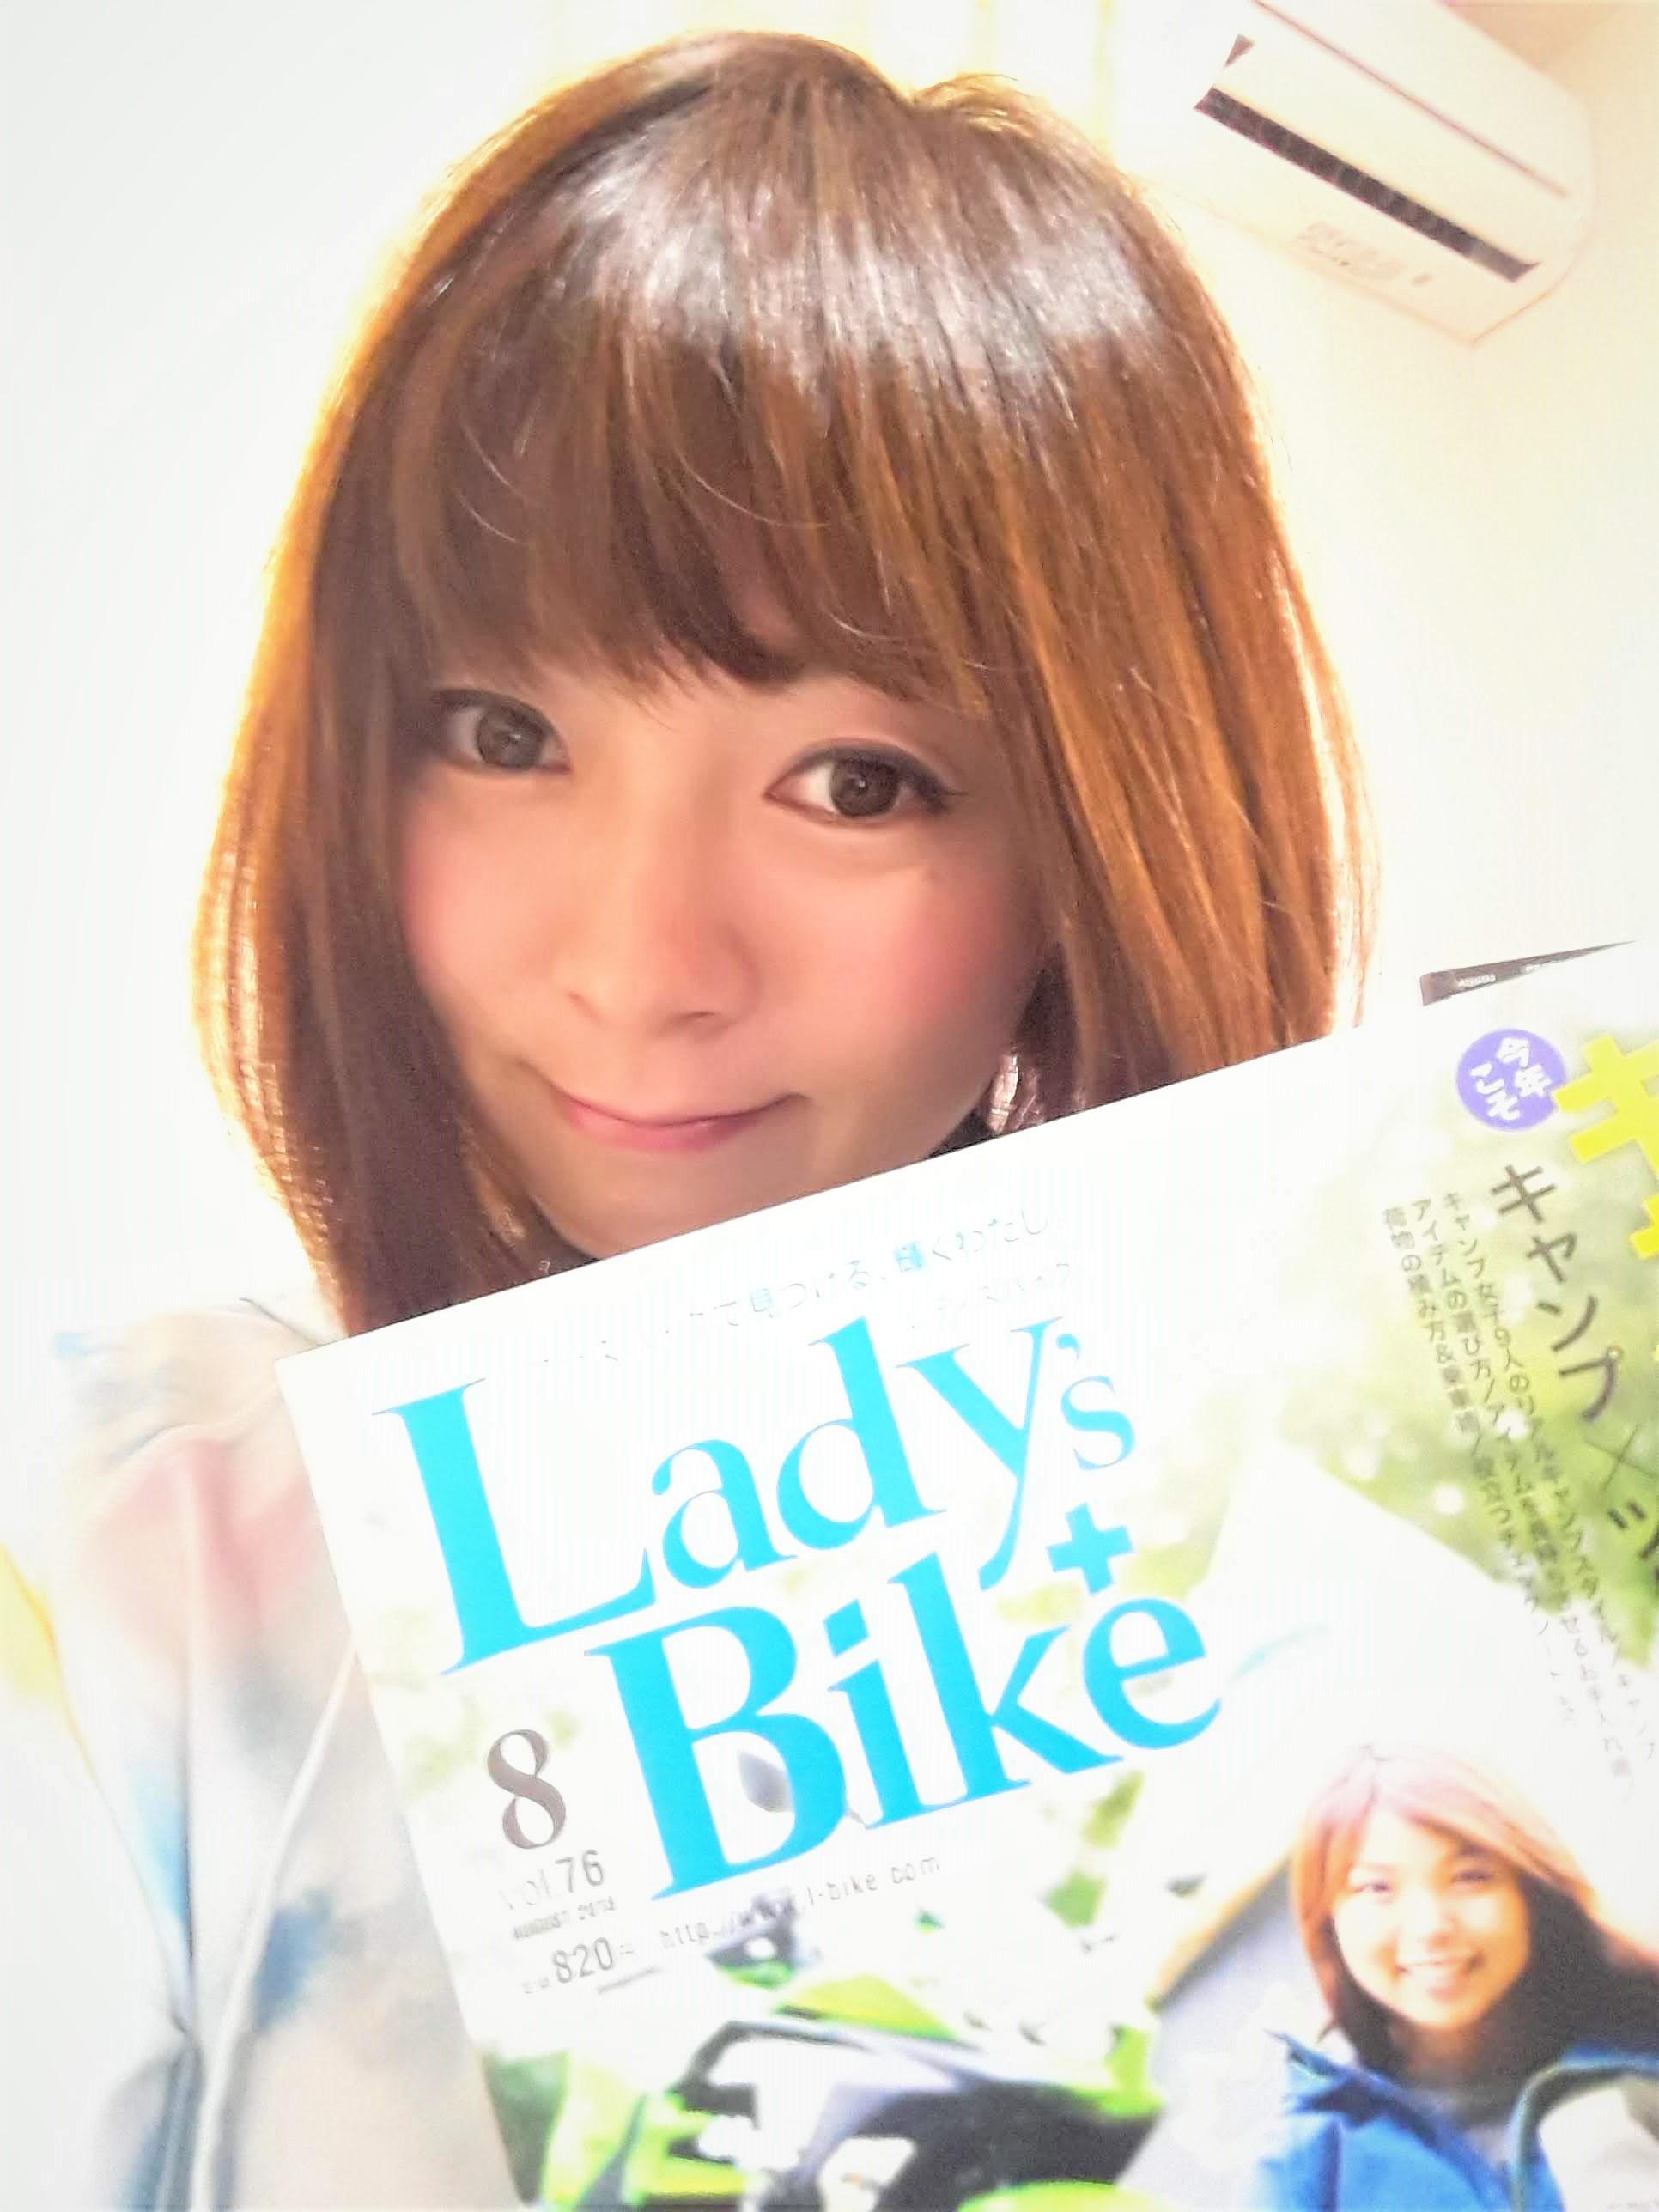 レディスバイク8月号vol.76が発売されました。